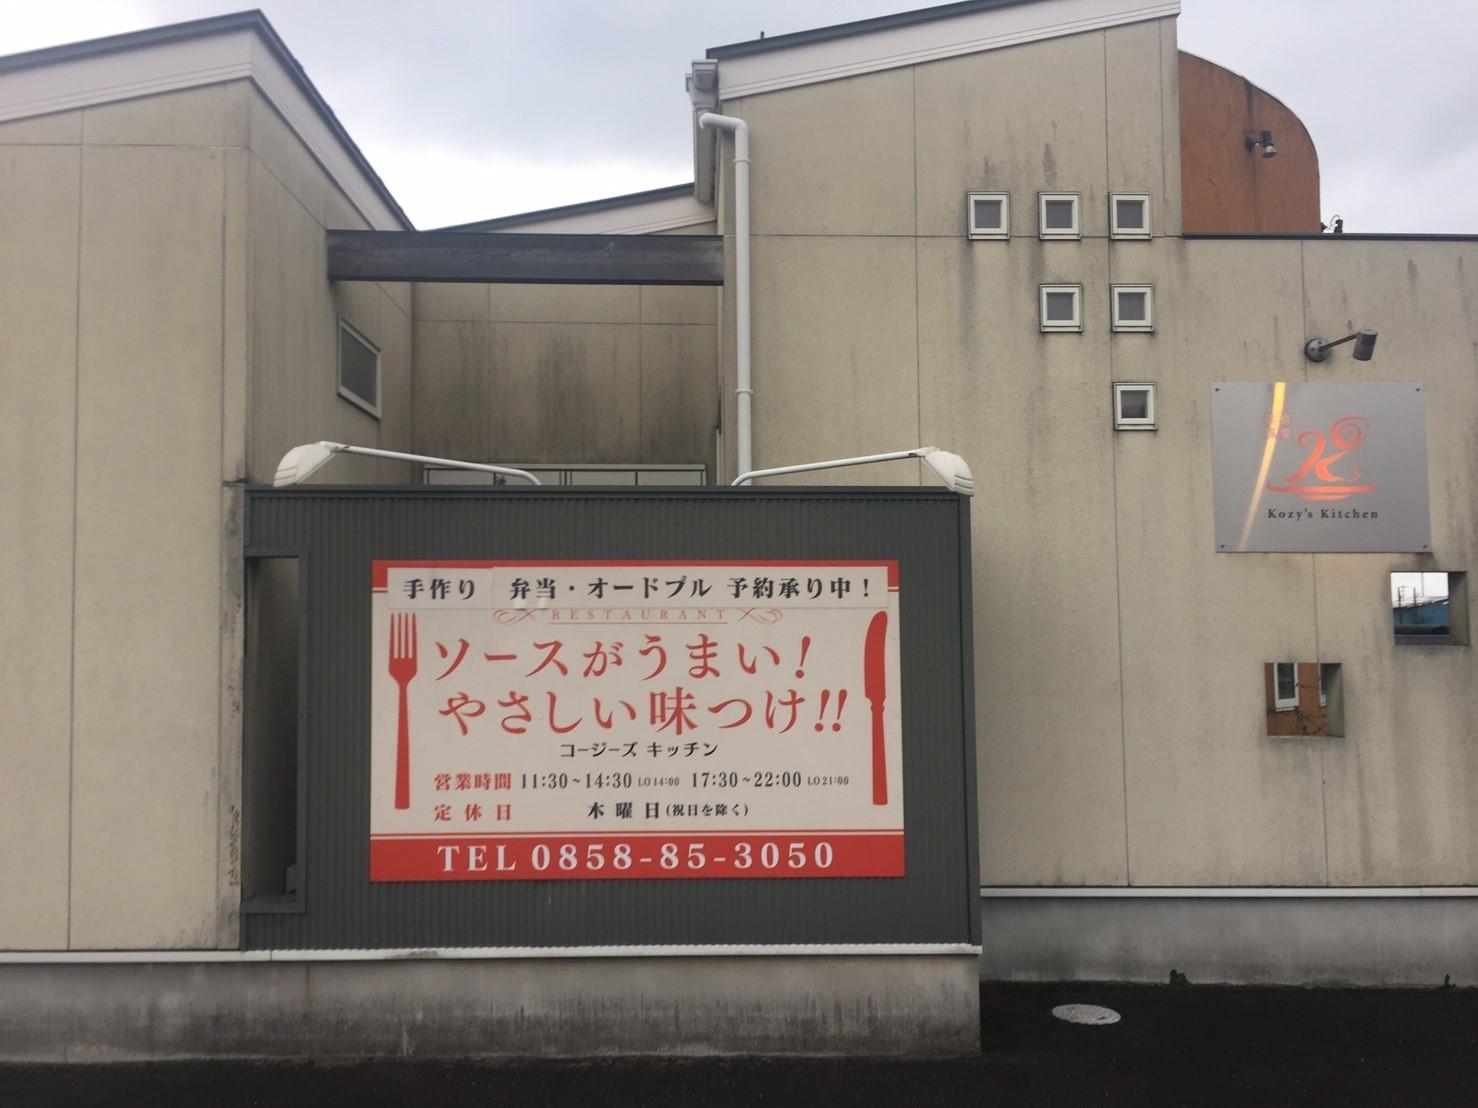 洋風食堂 kozy\'s kitchen ランチ_e0115904_16465268.jpg